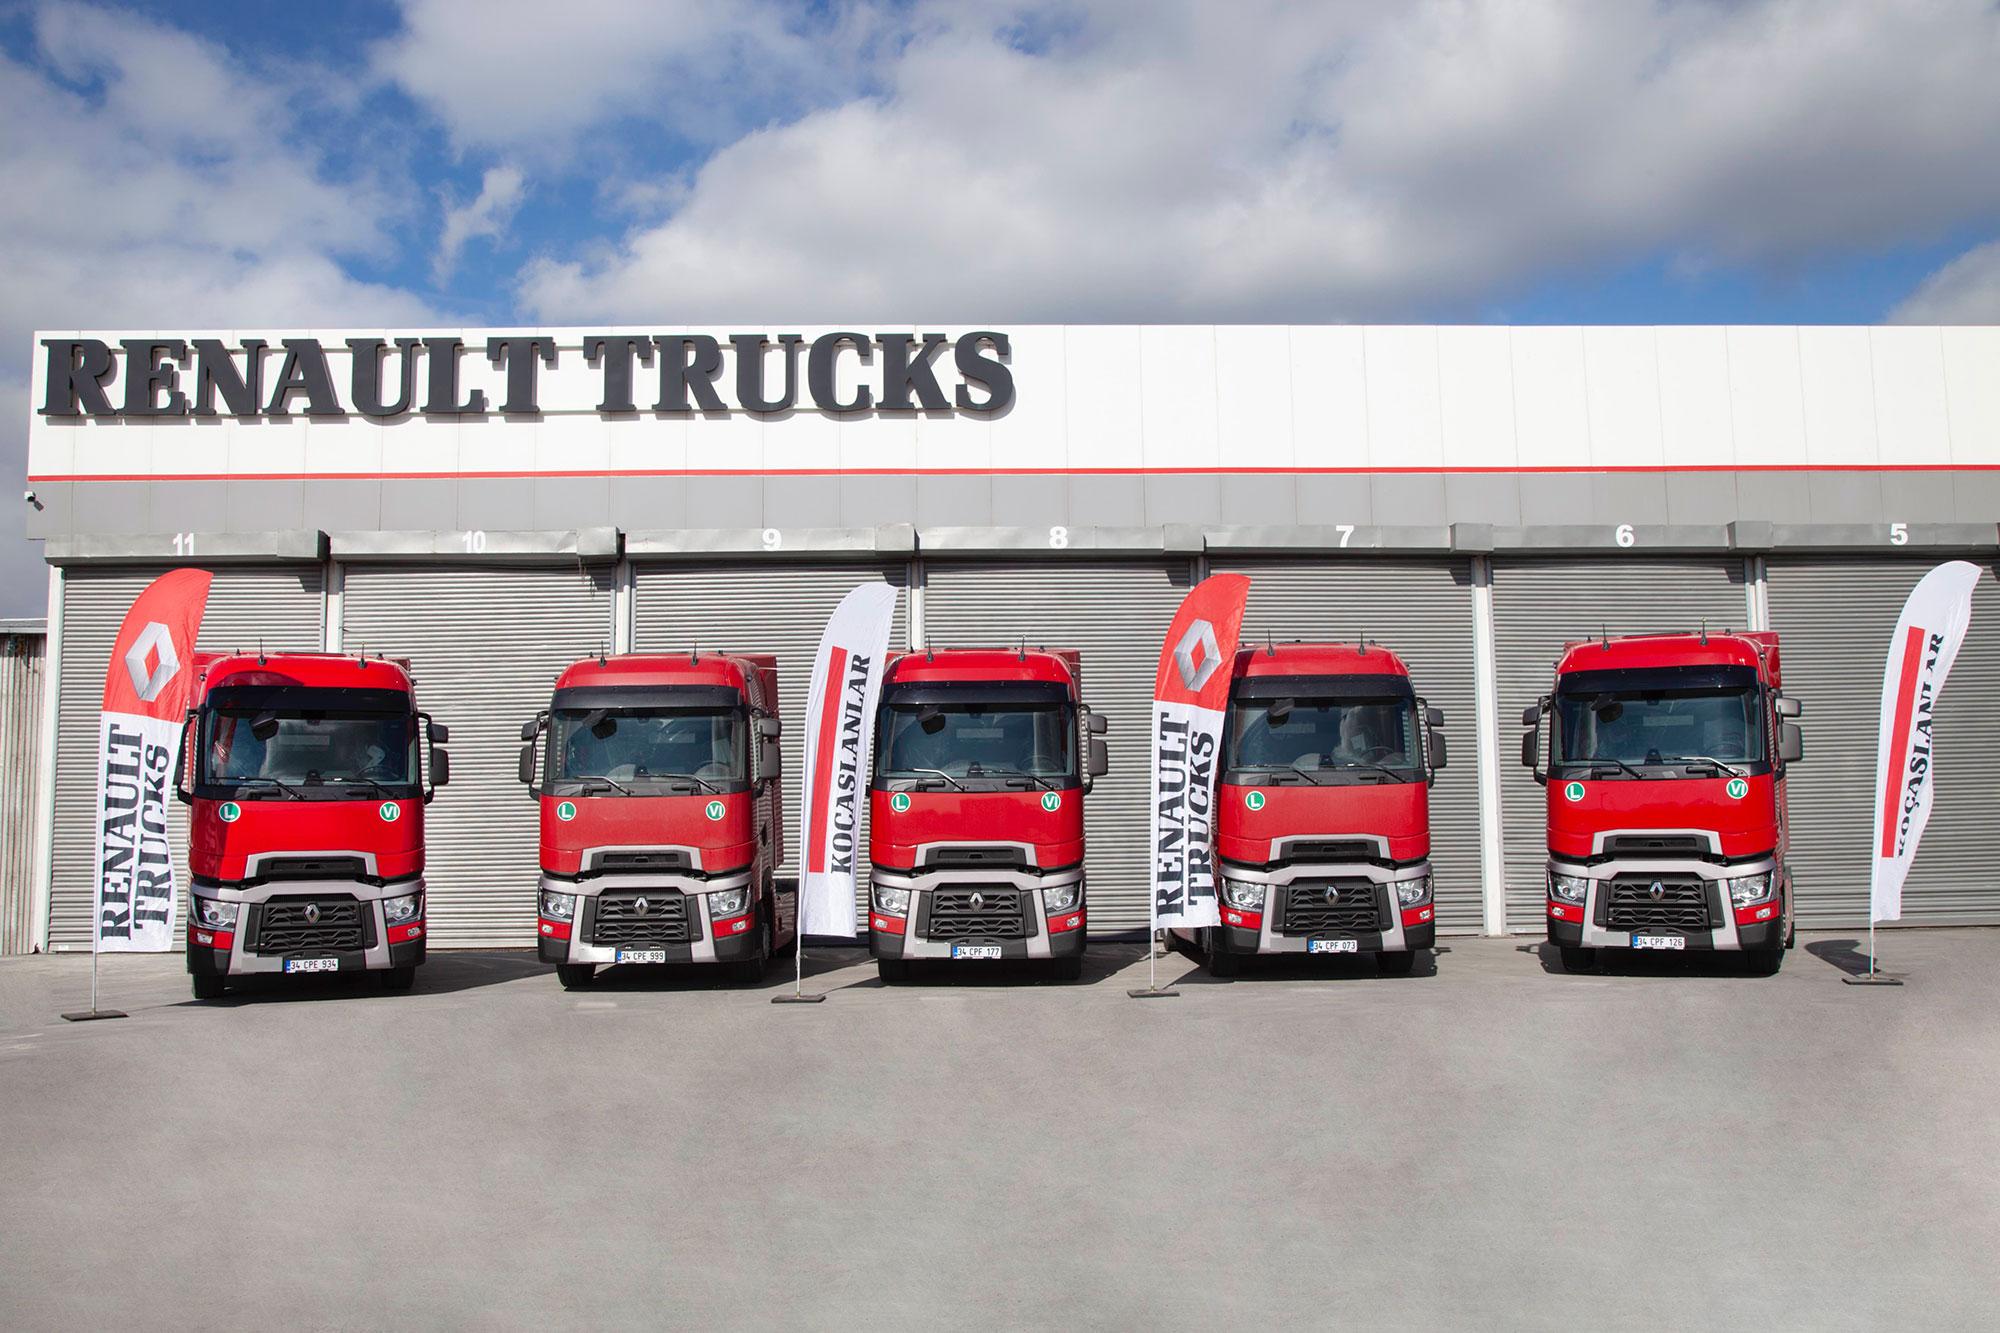 renault-trucks_frigo-nevnak-teslimat.jpg